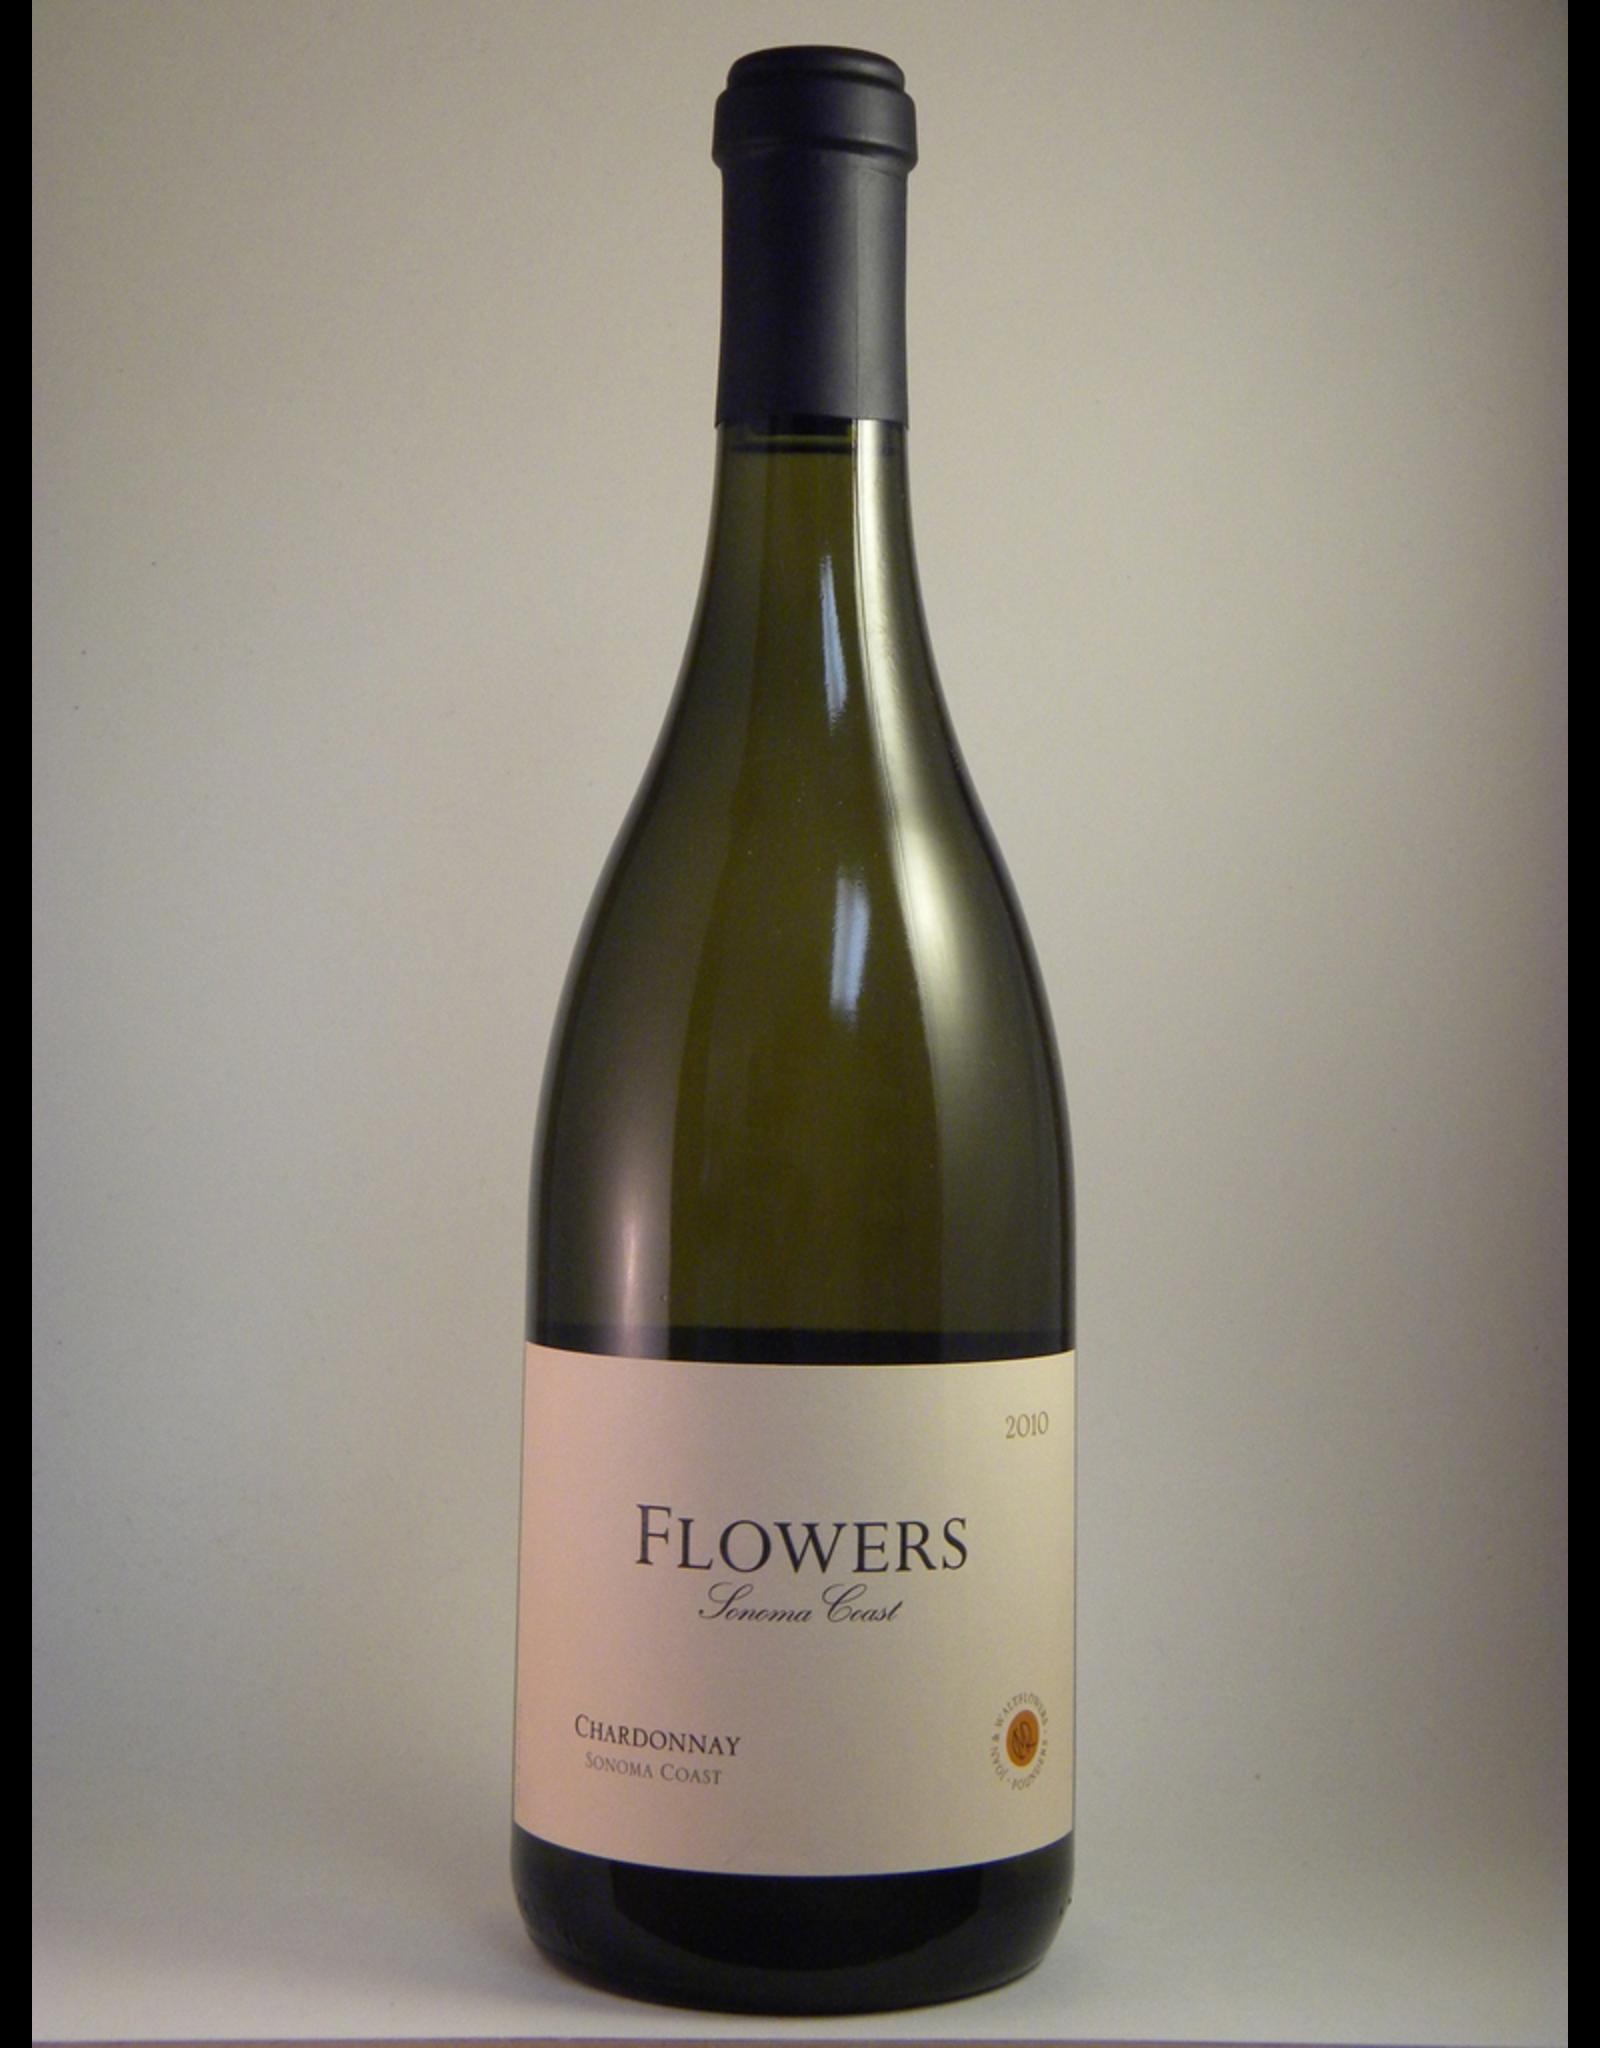 Flowers Flowers Chardonnay Sonoma Coast 2017